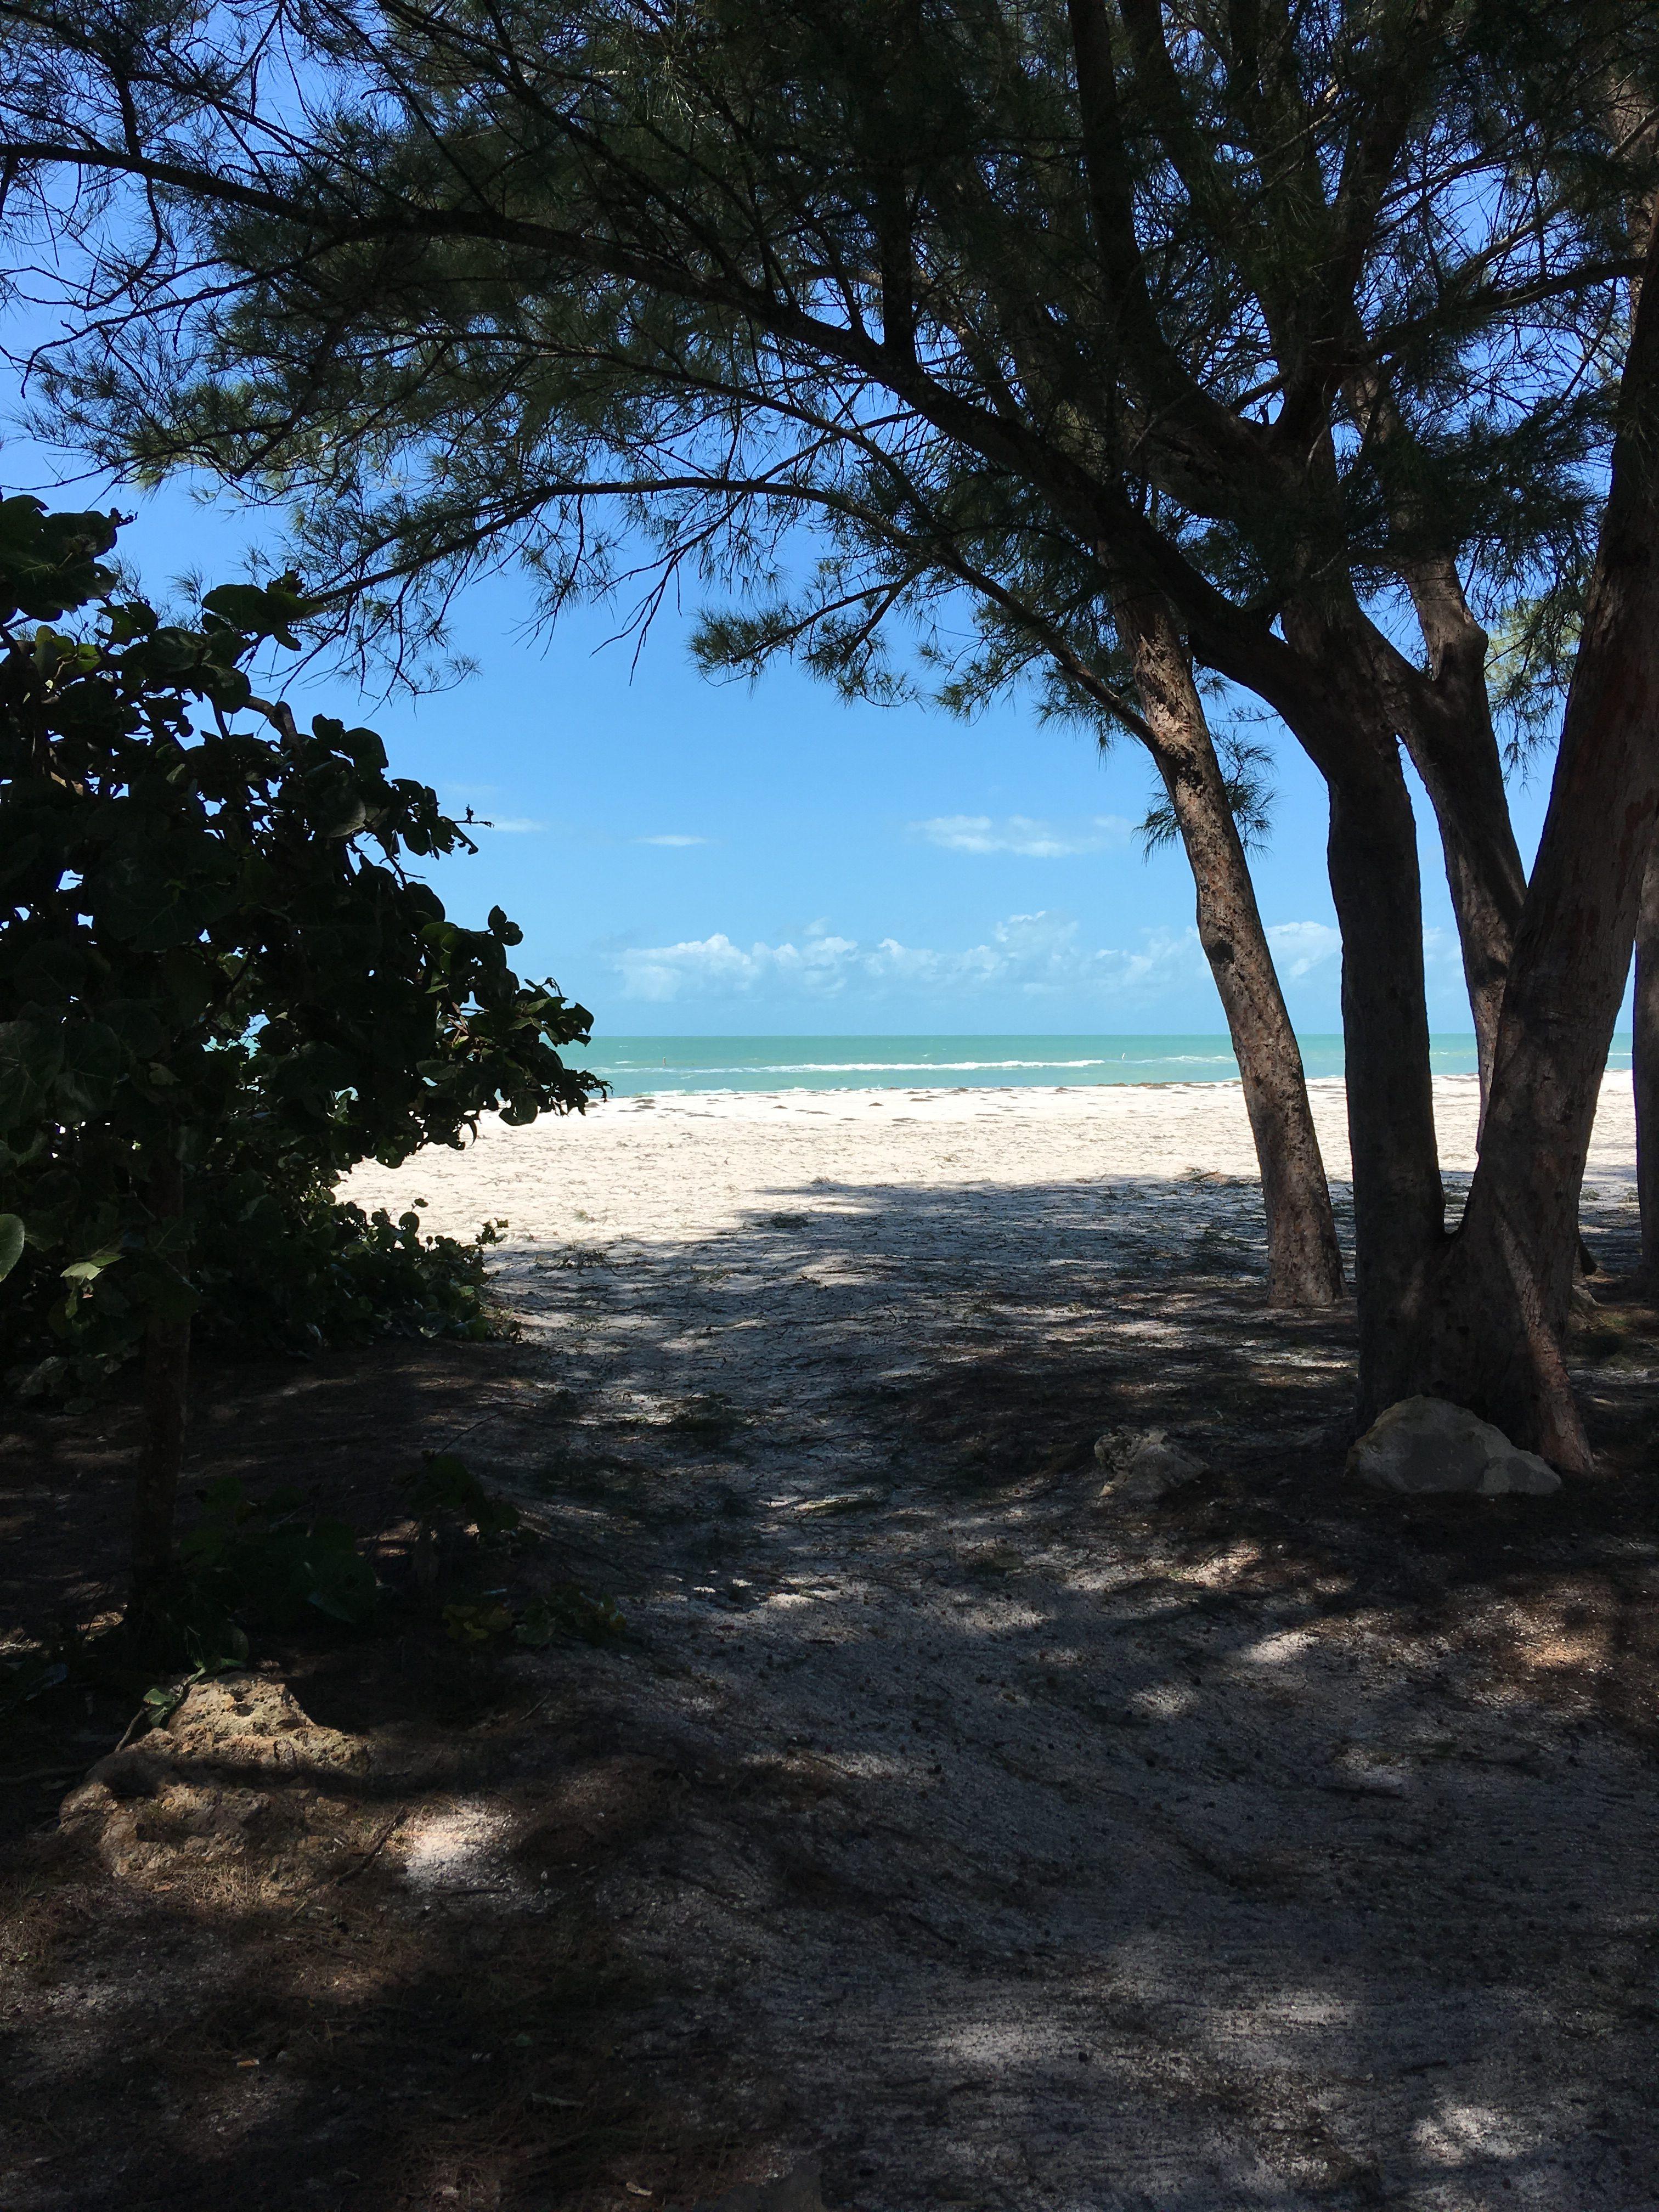 beach-after-irma-emerald-water-jpg